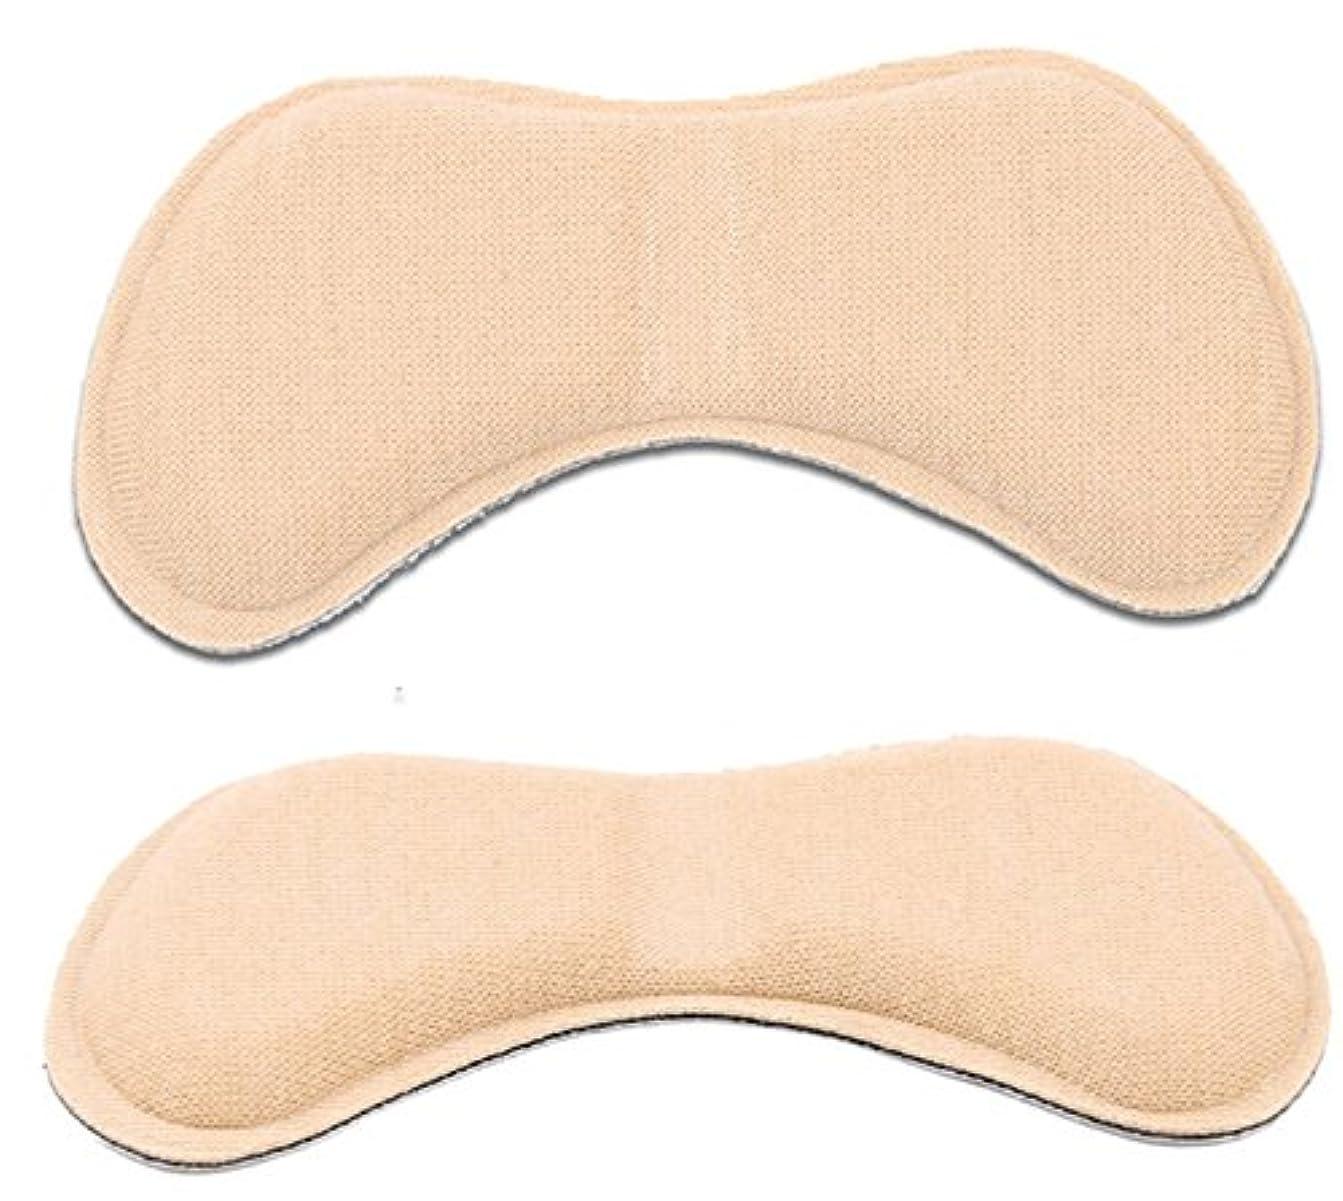 論文検証見習い[MNoel] ベージュ 靴ずれ防止 やわらかかかとクッション 貼るだけ簡単 滑り止め 魔法のかかとサポーター かかと抜け サイズ調整用 かかと 靴擦れ 防止 シート パット